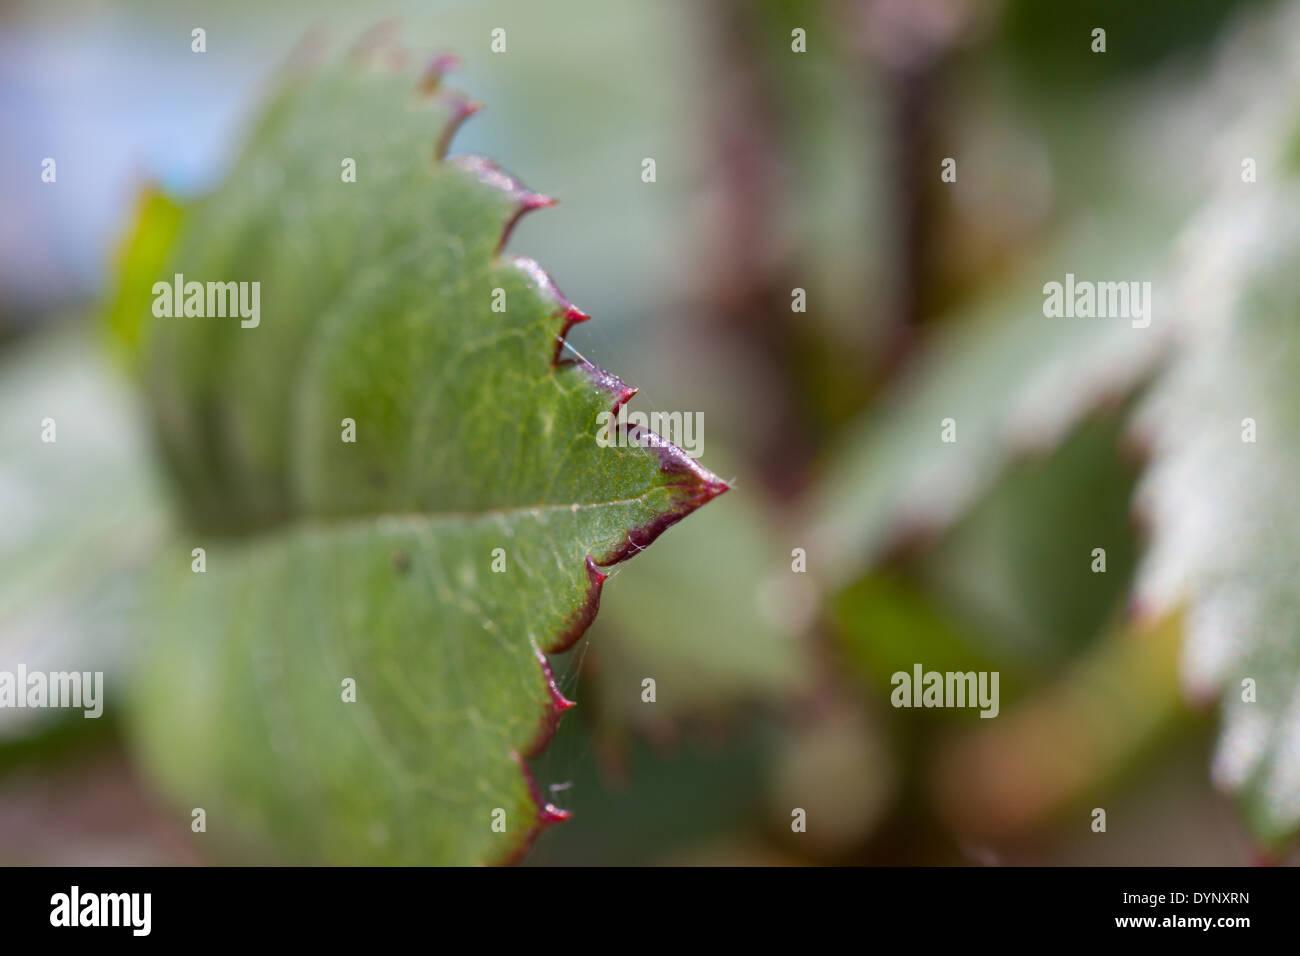 Vista lateral del serrado de hoja de rosa verde y rojo Imagen De Stock